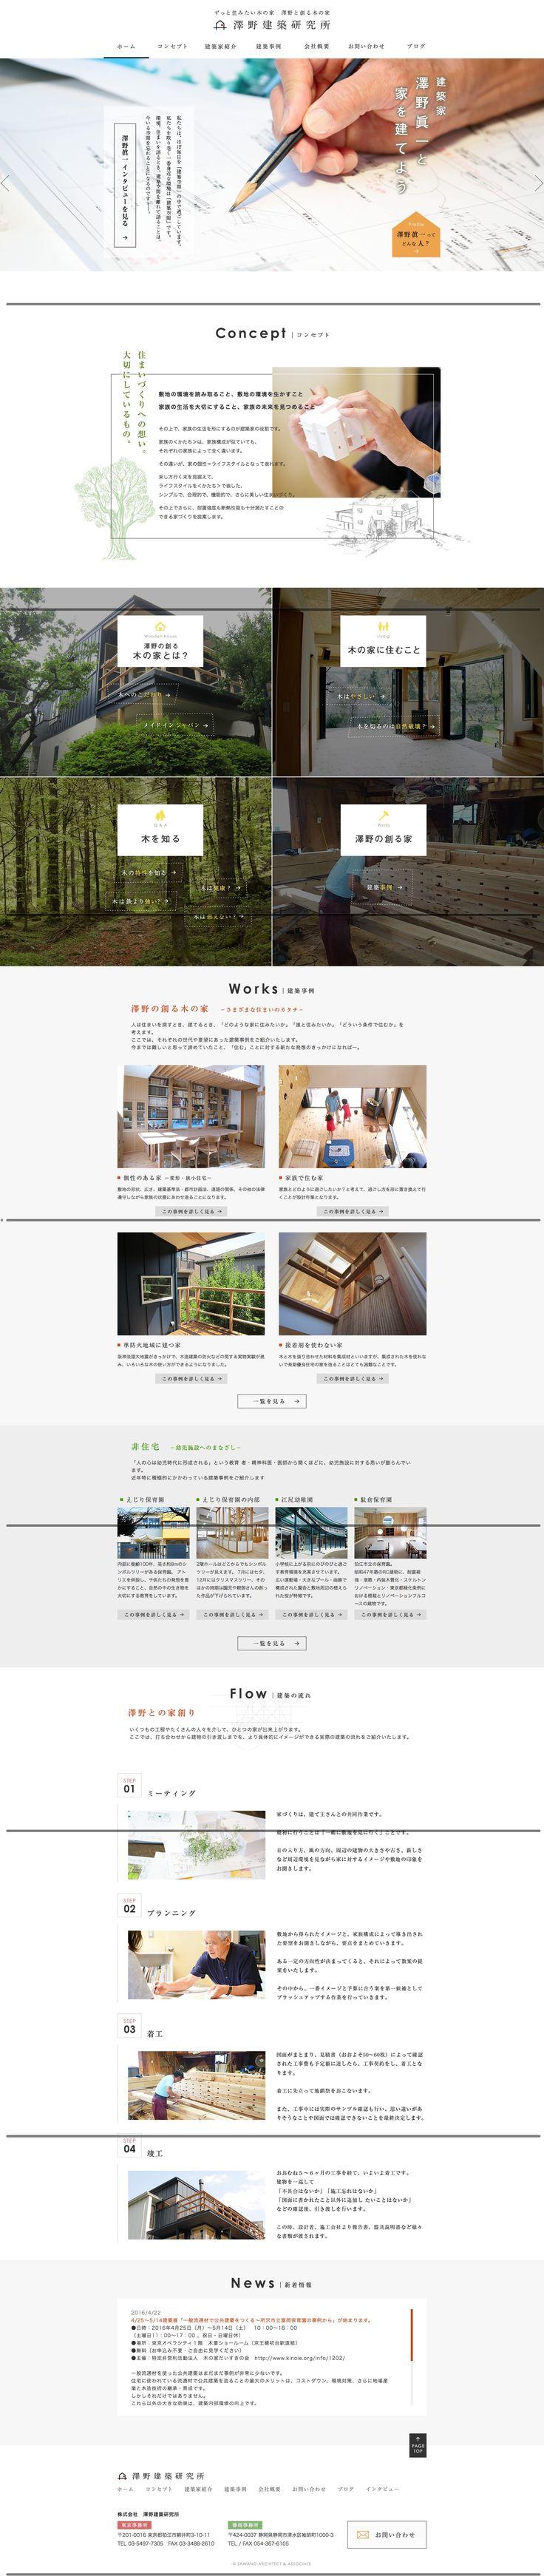 澤野建築研究所